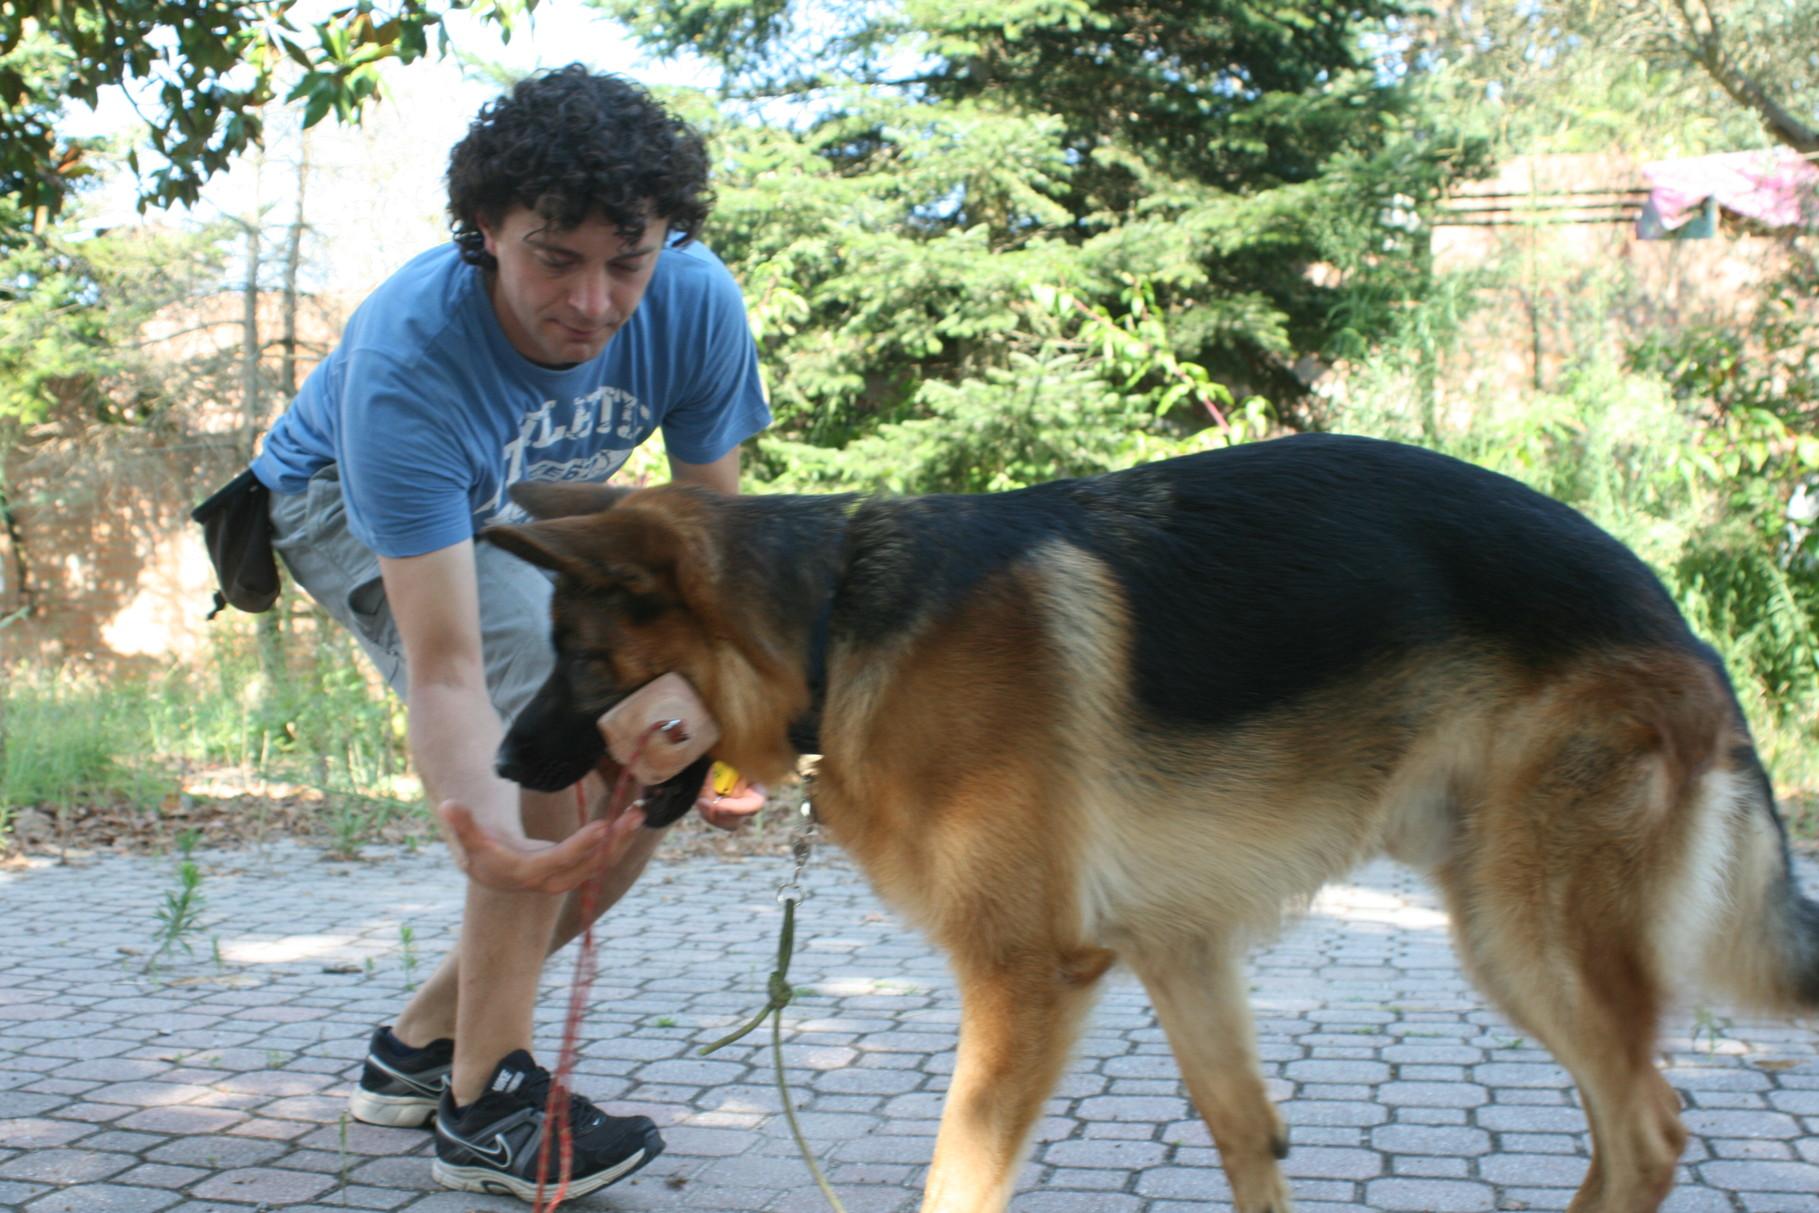 Centro Cinofilo Passion for Dogs - Bologna, Modena, Cento di Ferrara